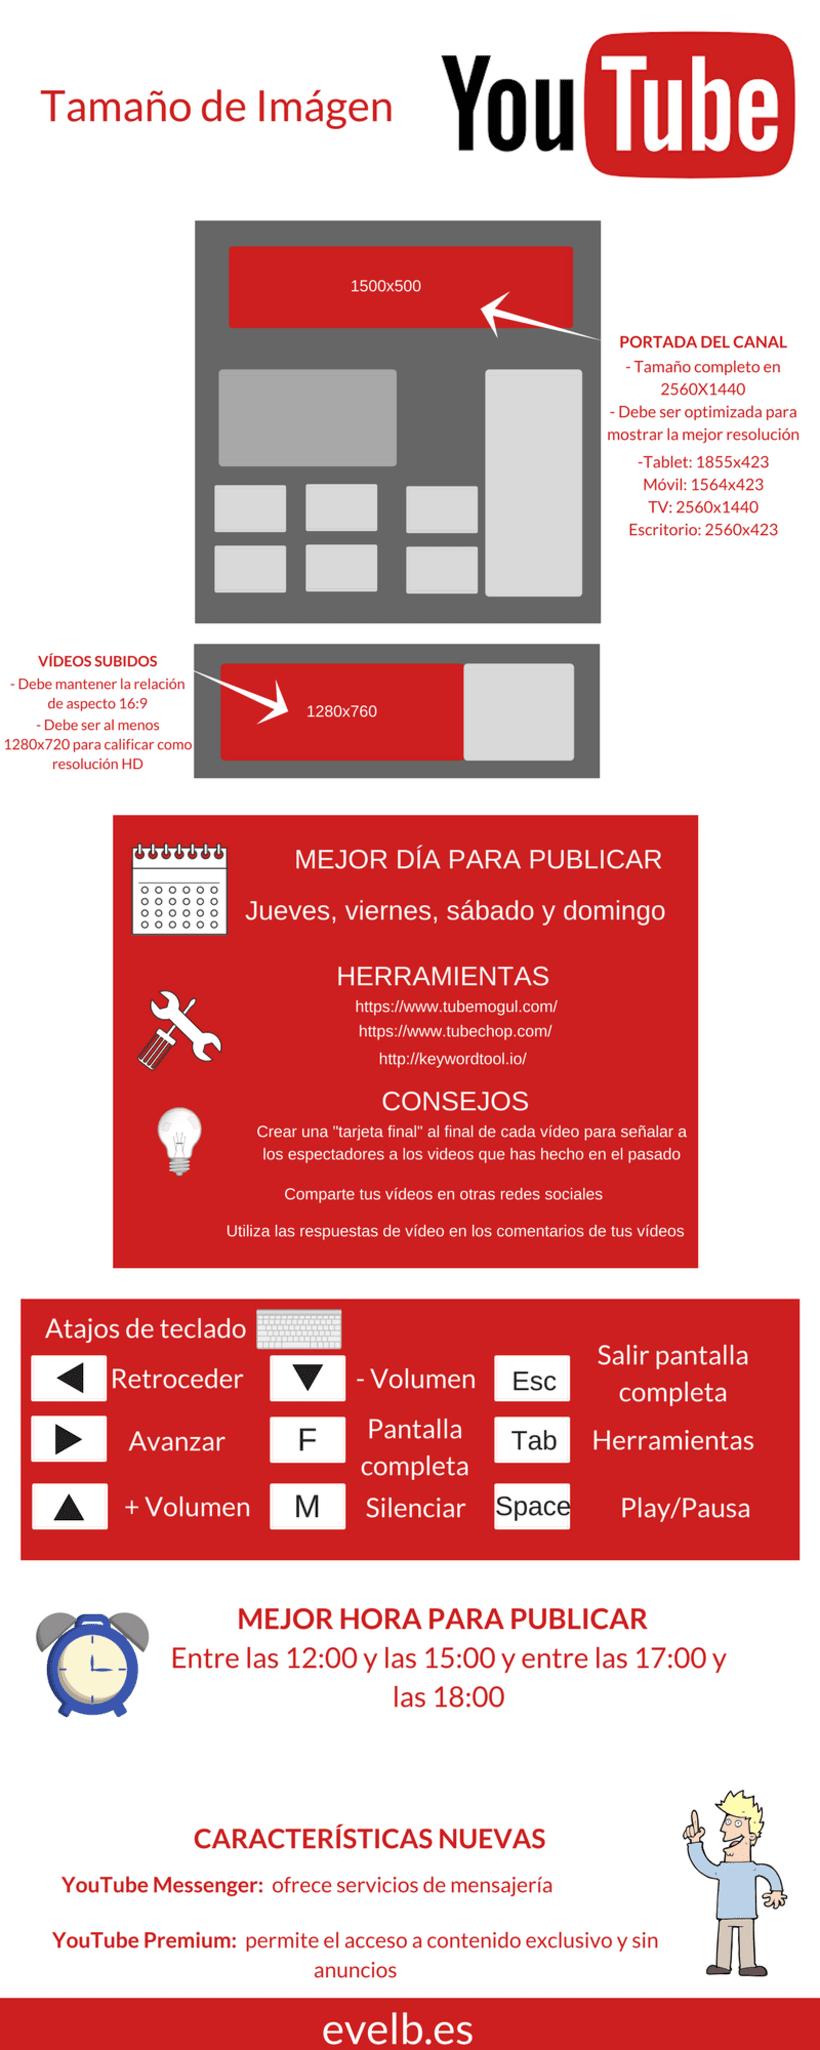 Infografías evelb.es 38